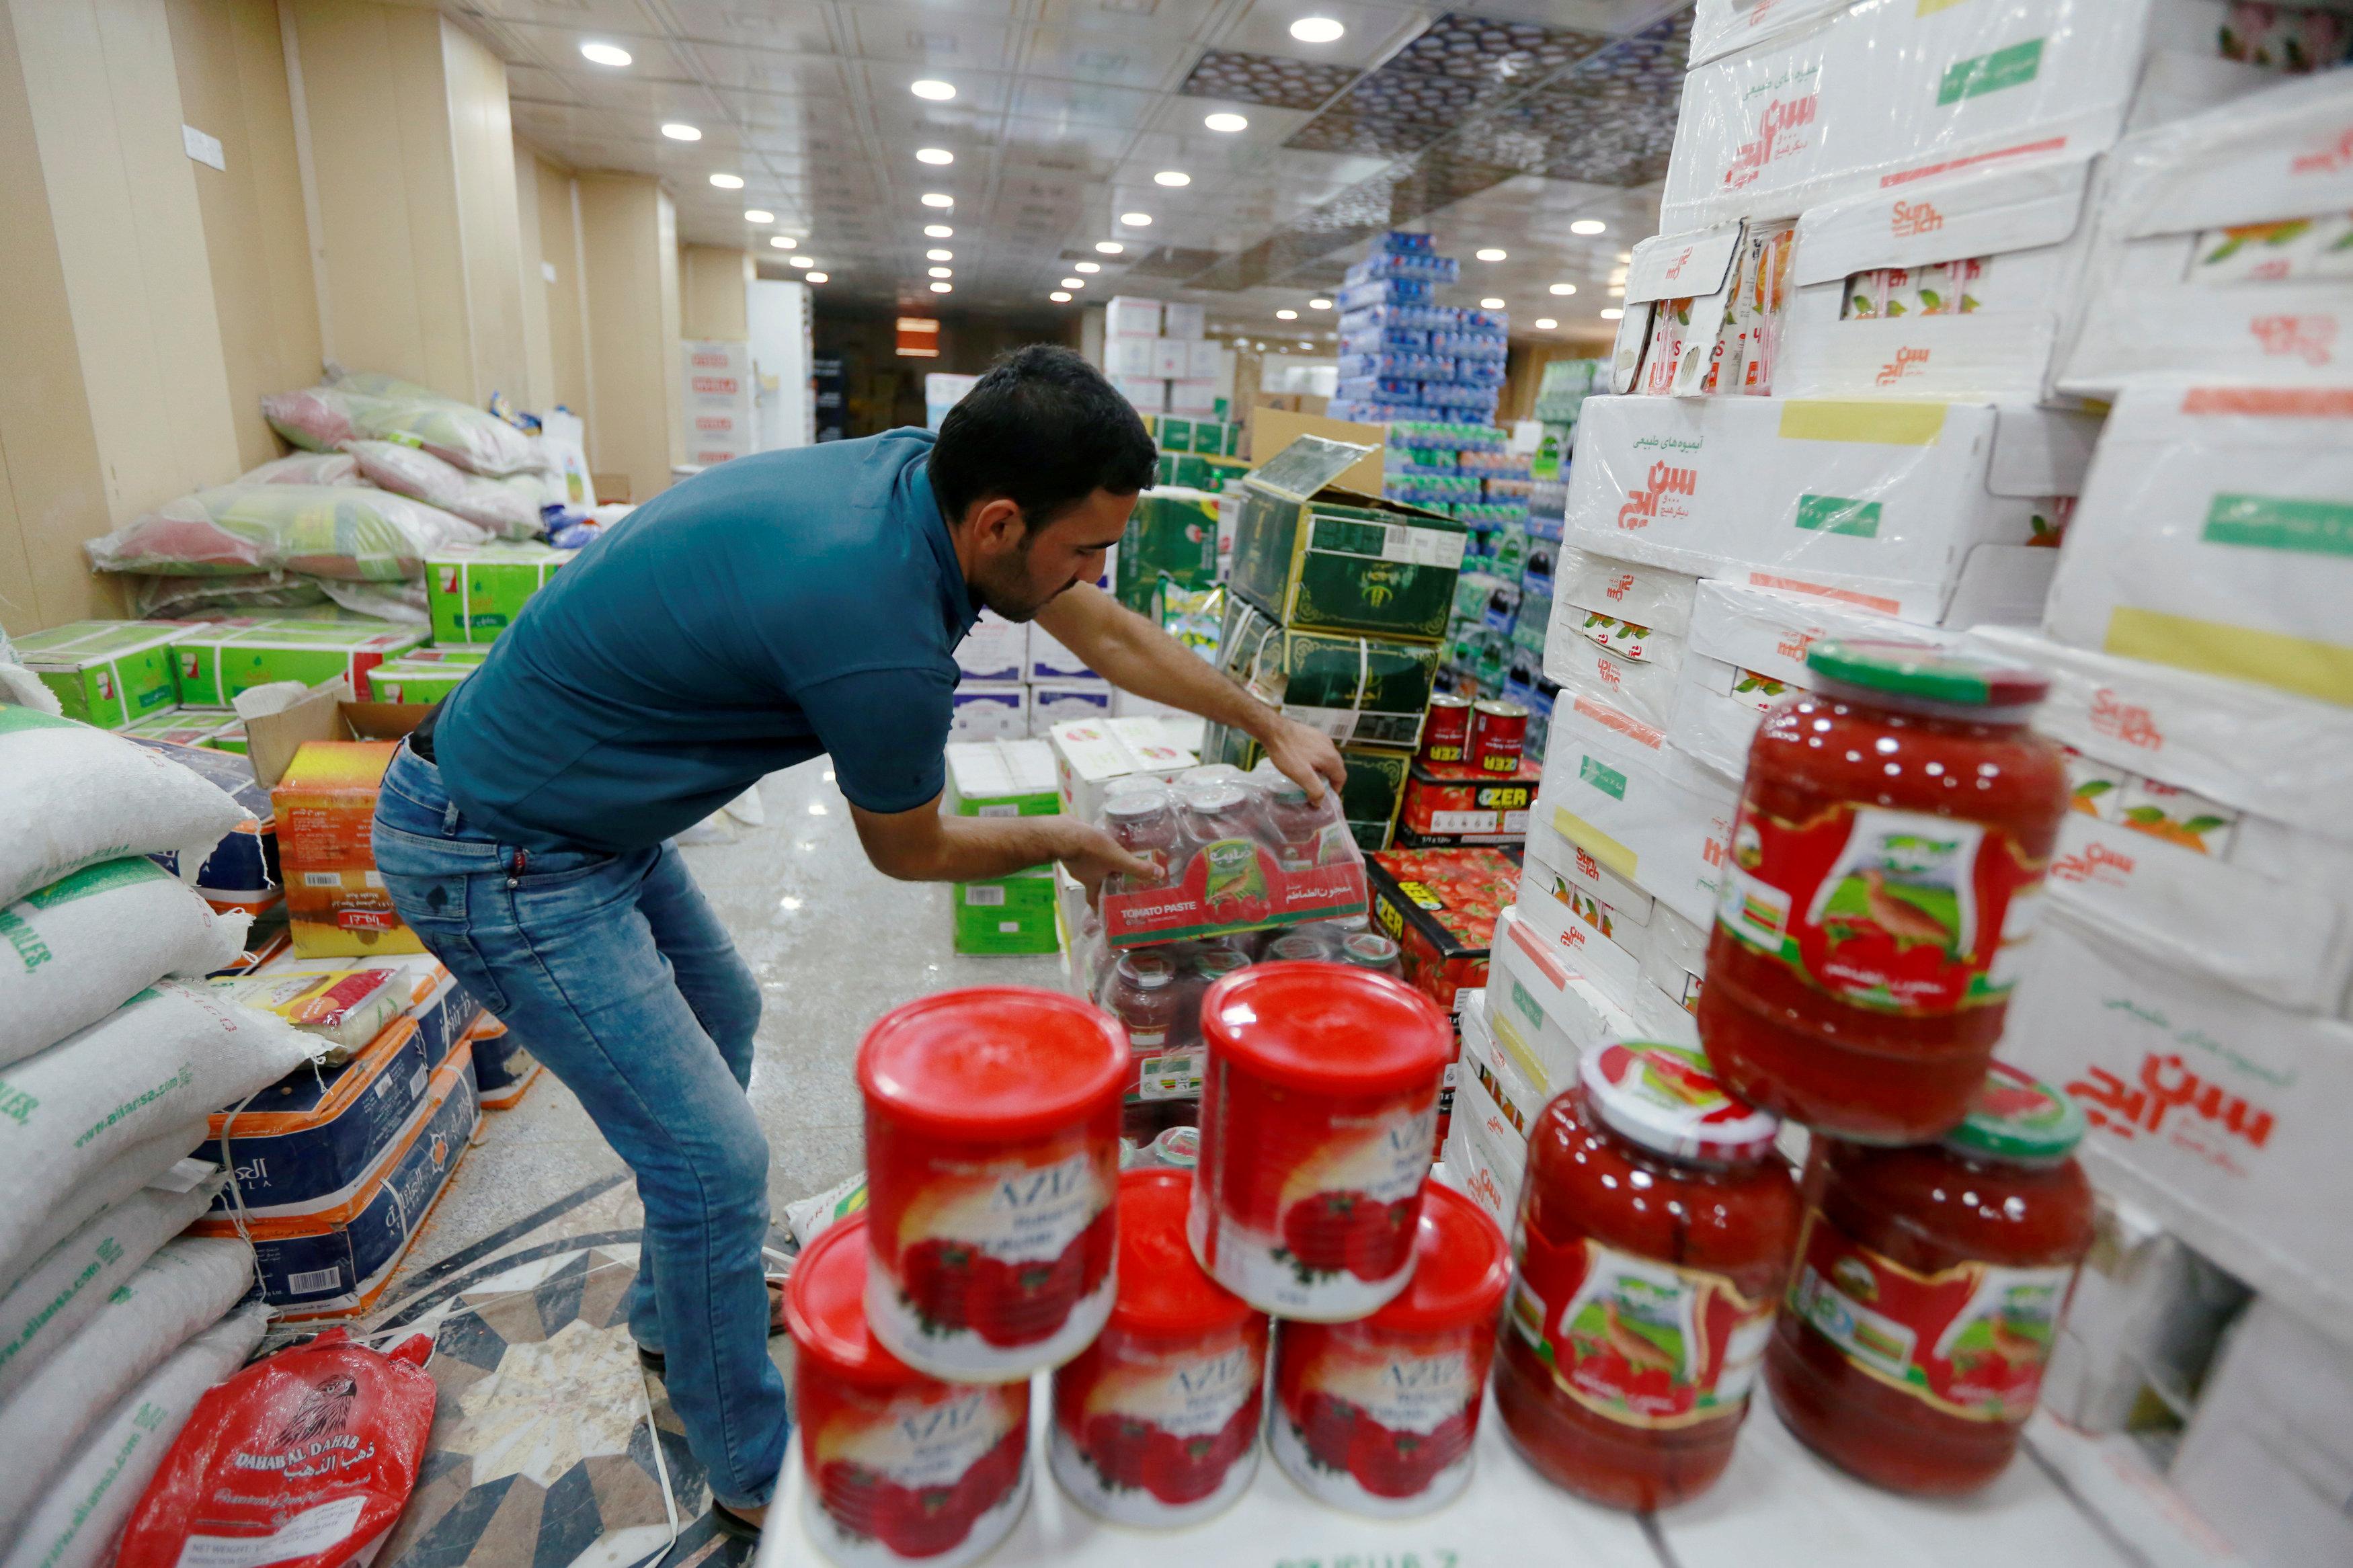 أحد العمال تقوم بترتيب منتجات الطماطم الإيرانية